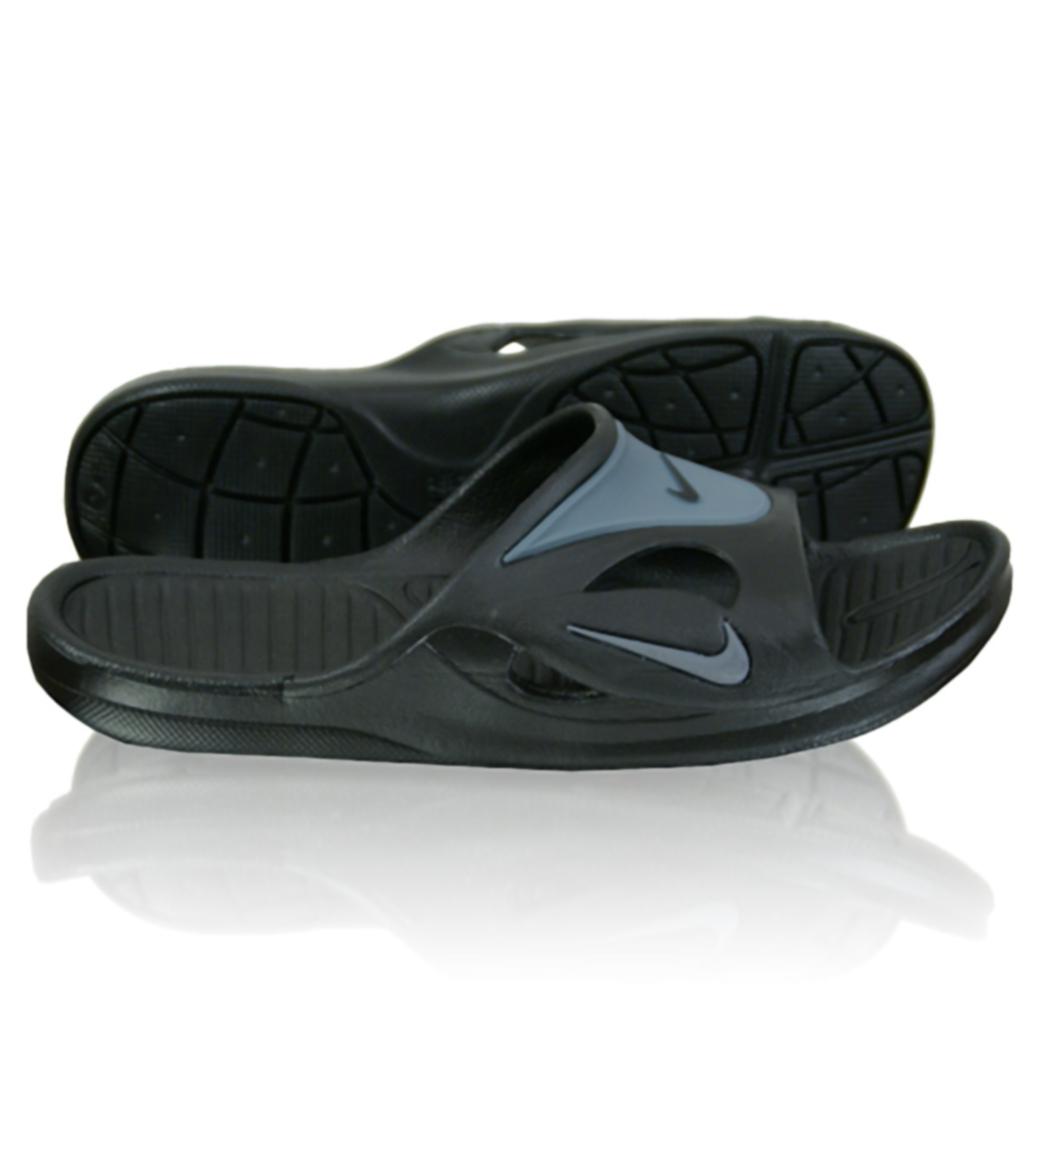 Men's Athletic Slip On Slide Sandal